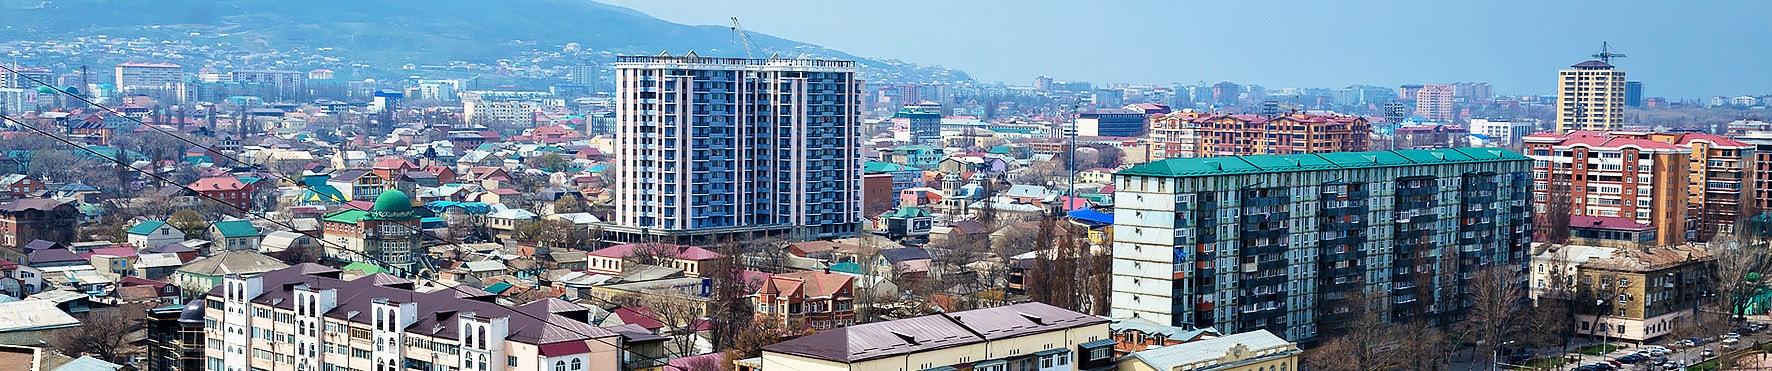 Размещение рекламы на светодиодных экранах в Махачкале Дагестан